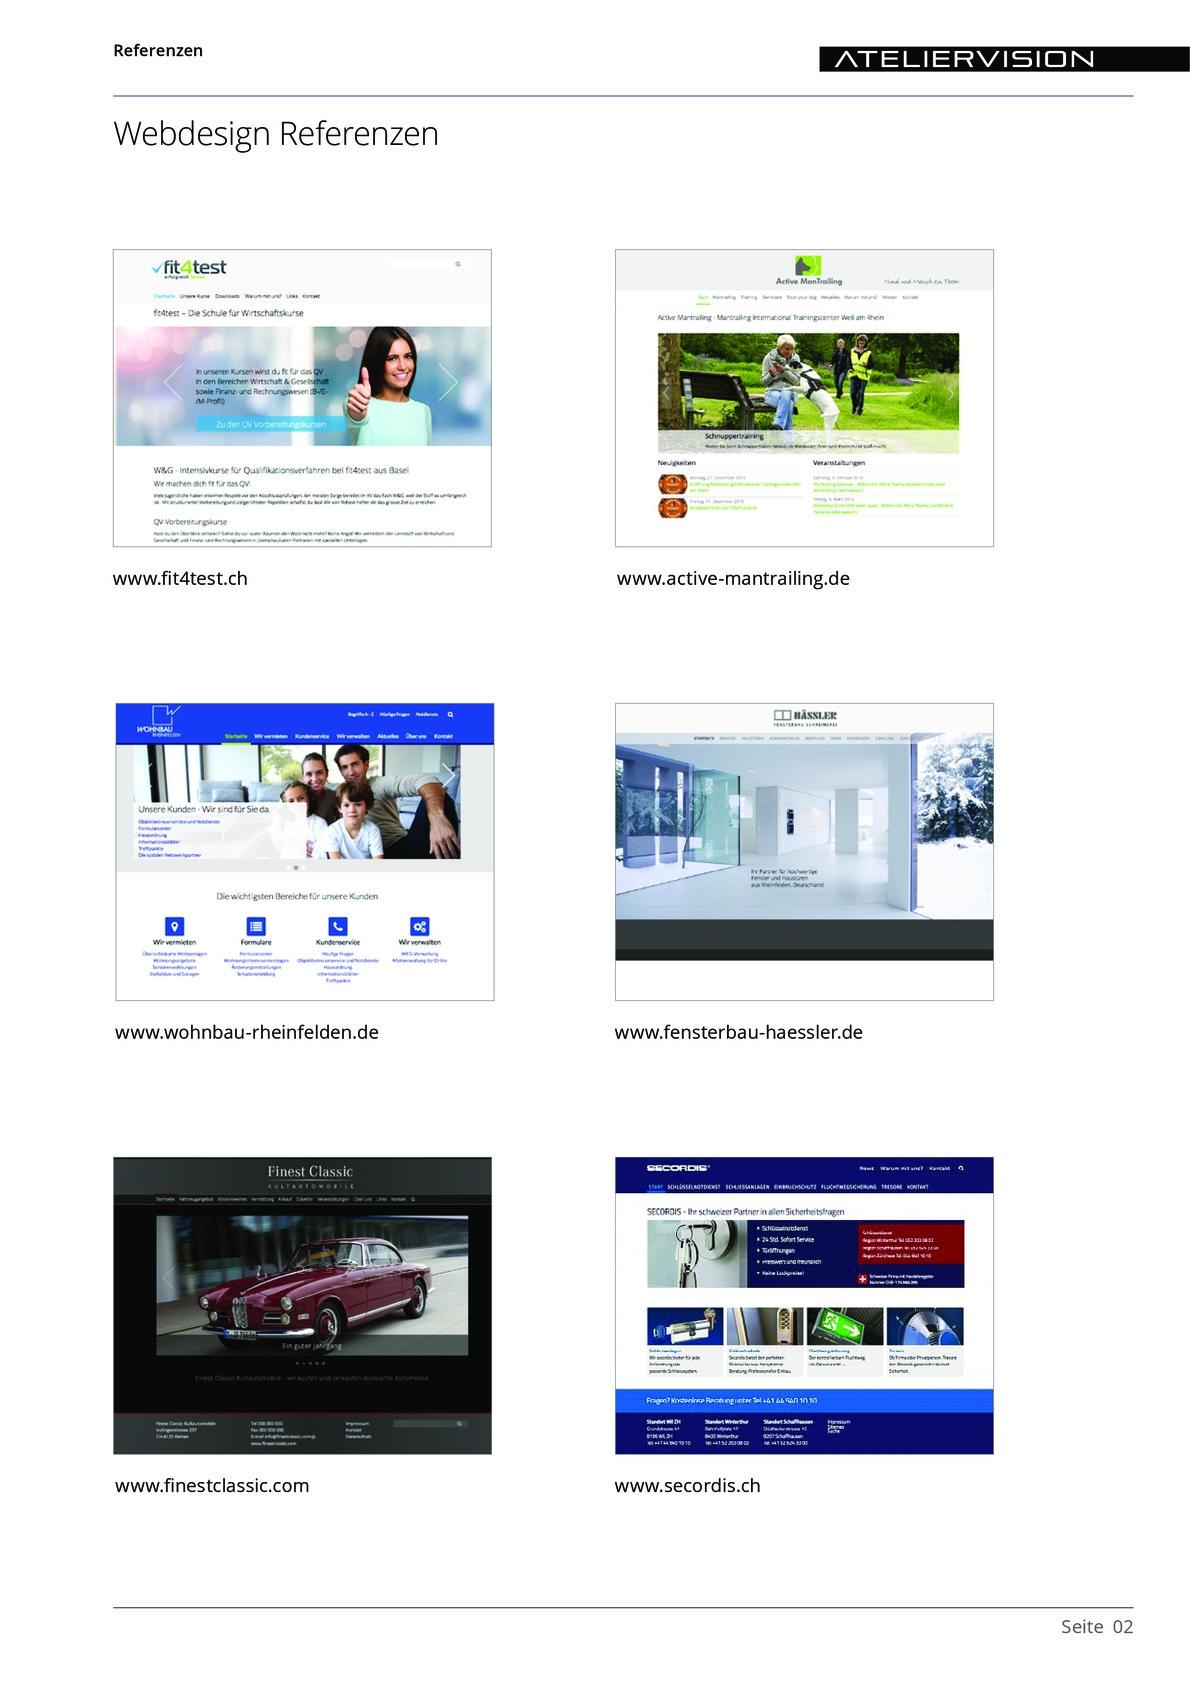 ATELIERVISION Referenzen aus PDF Datei Overview 2